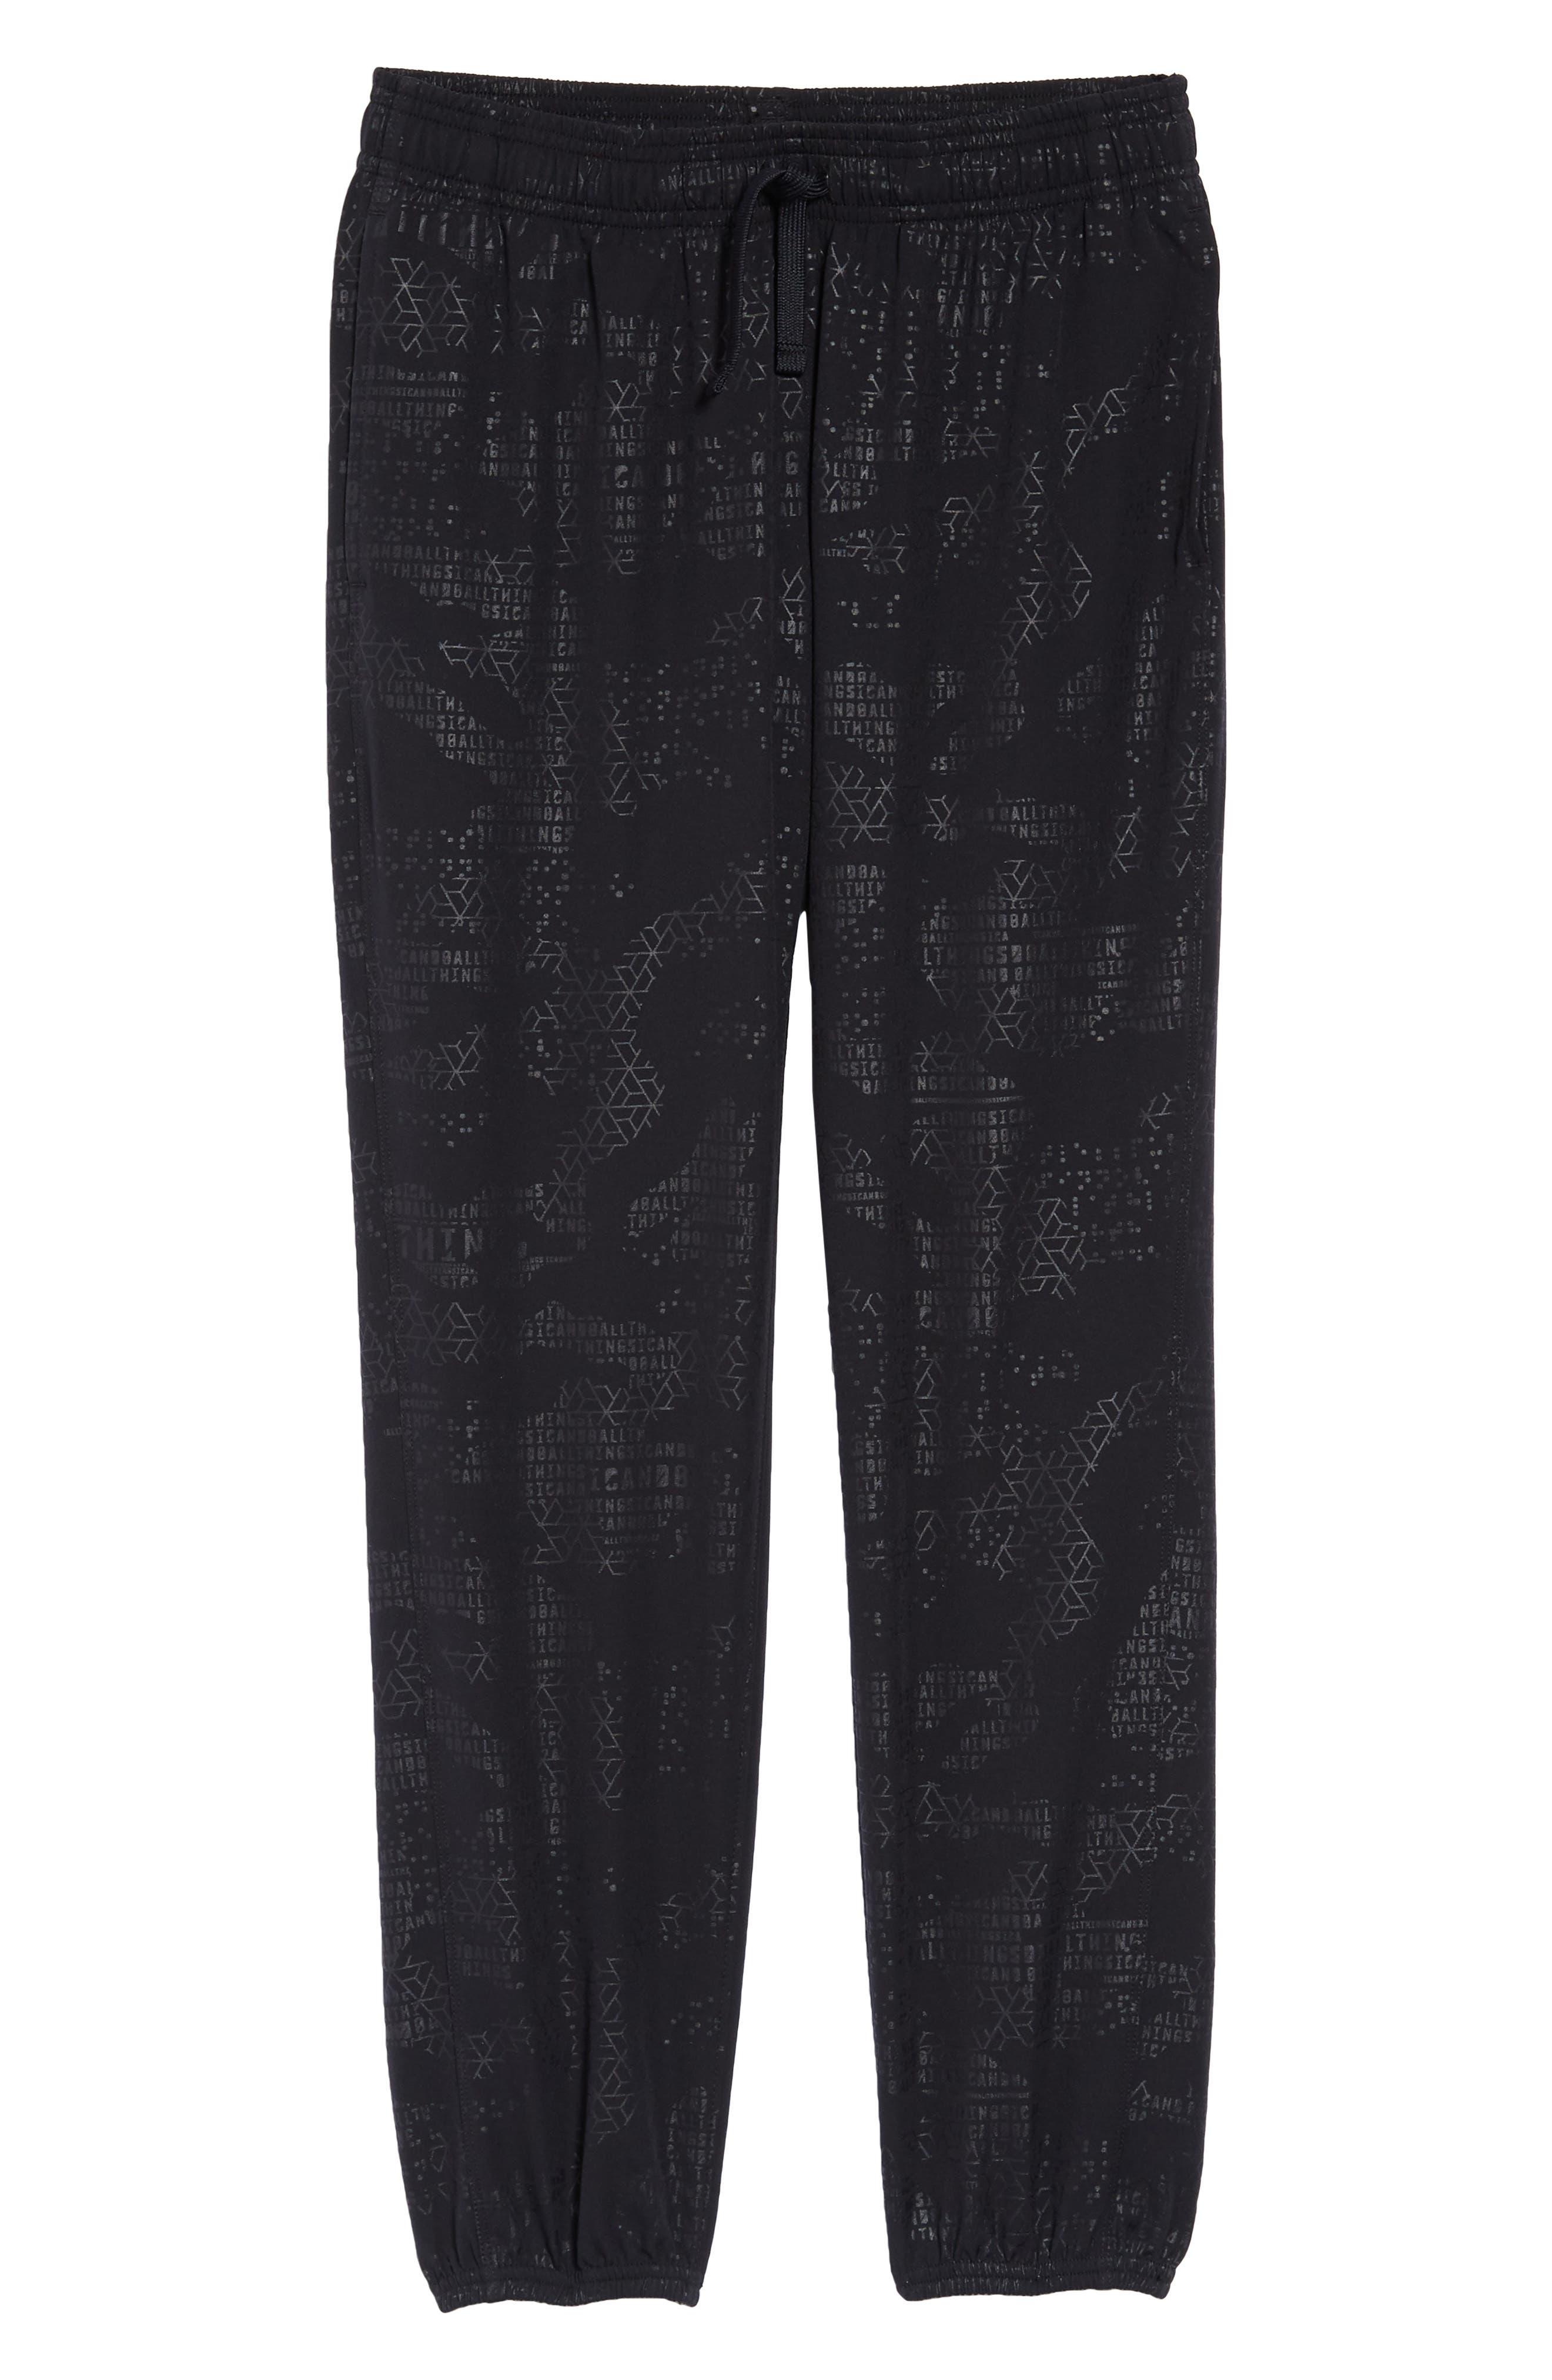 SC30 Windwear Pants,                         Main,                         color, BLACK / / GRAPHITE